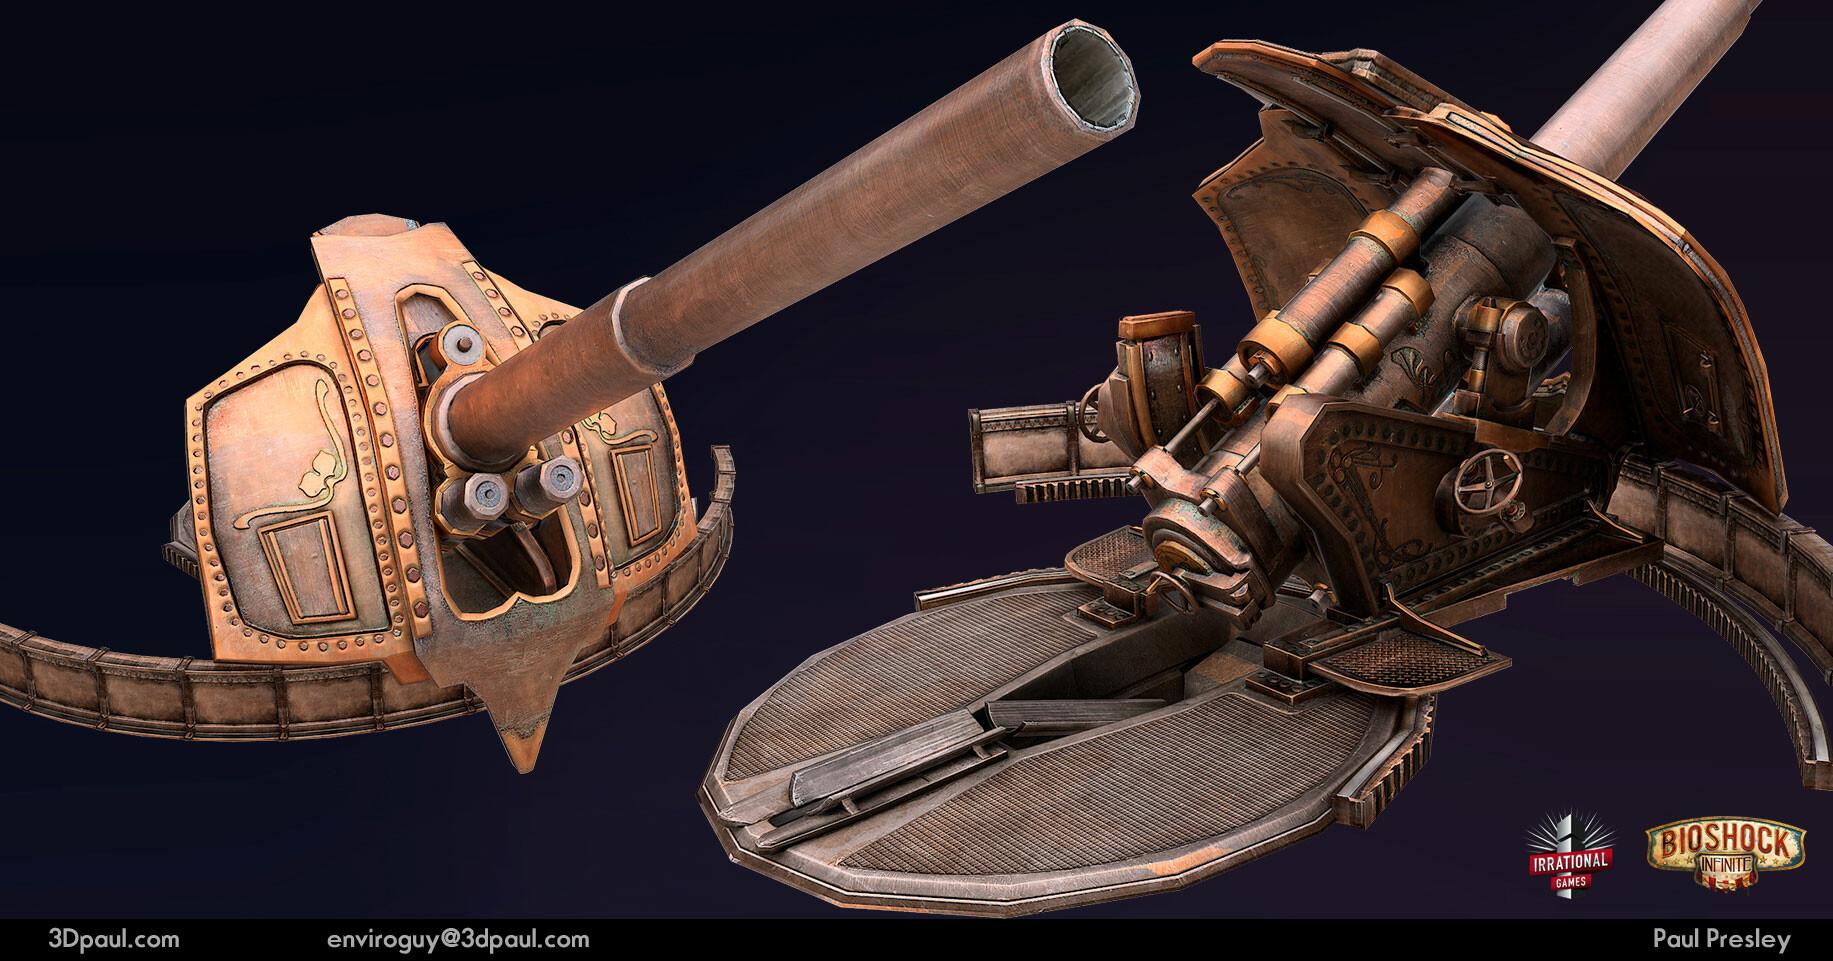 Paul presley 04 artillery